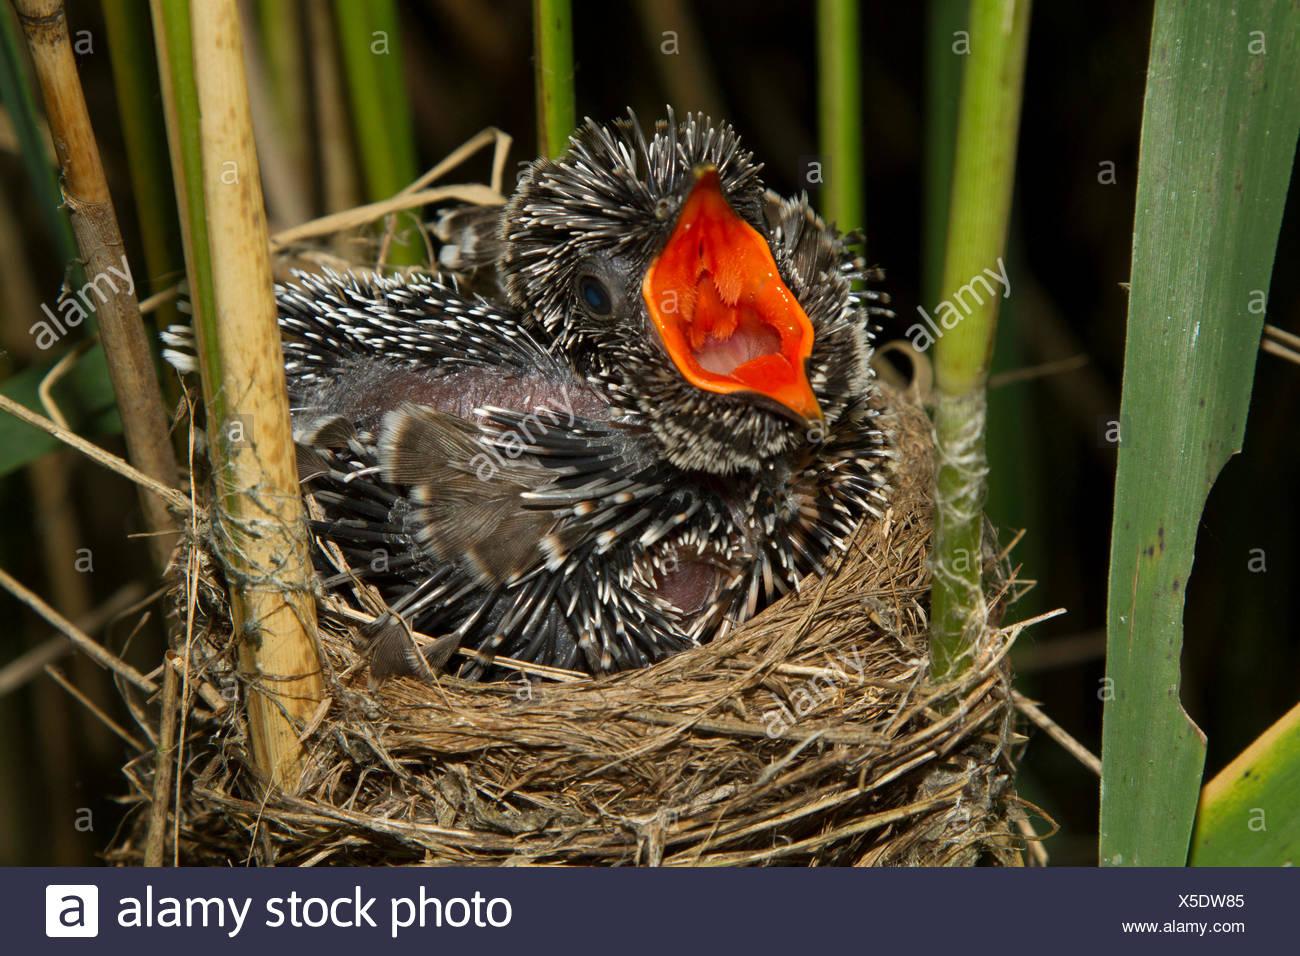 Eurasische Kuckuck (Cuculus Canorus), Kuckuck sieben Tage alt in einem Reed Warbler Nest, bedrohlich, Oberbayern, Oberbayern, Bayern, Deutschland Stockbild